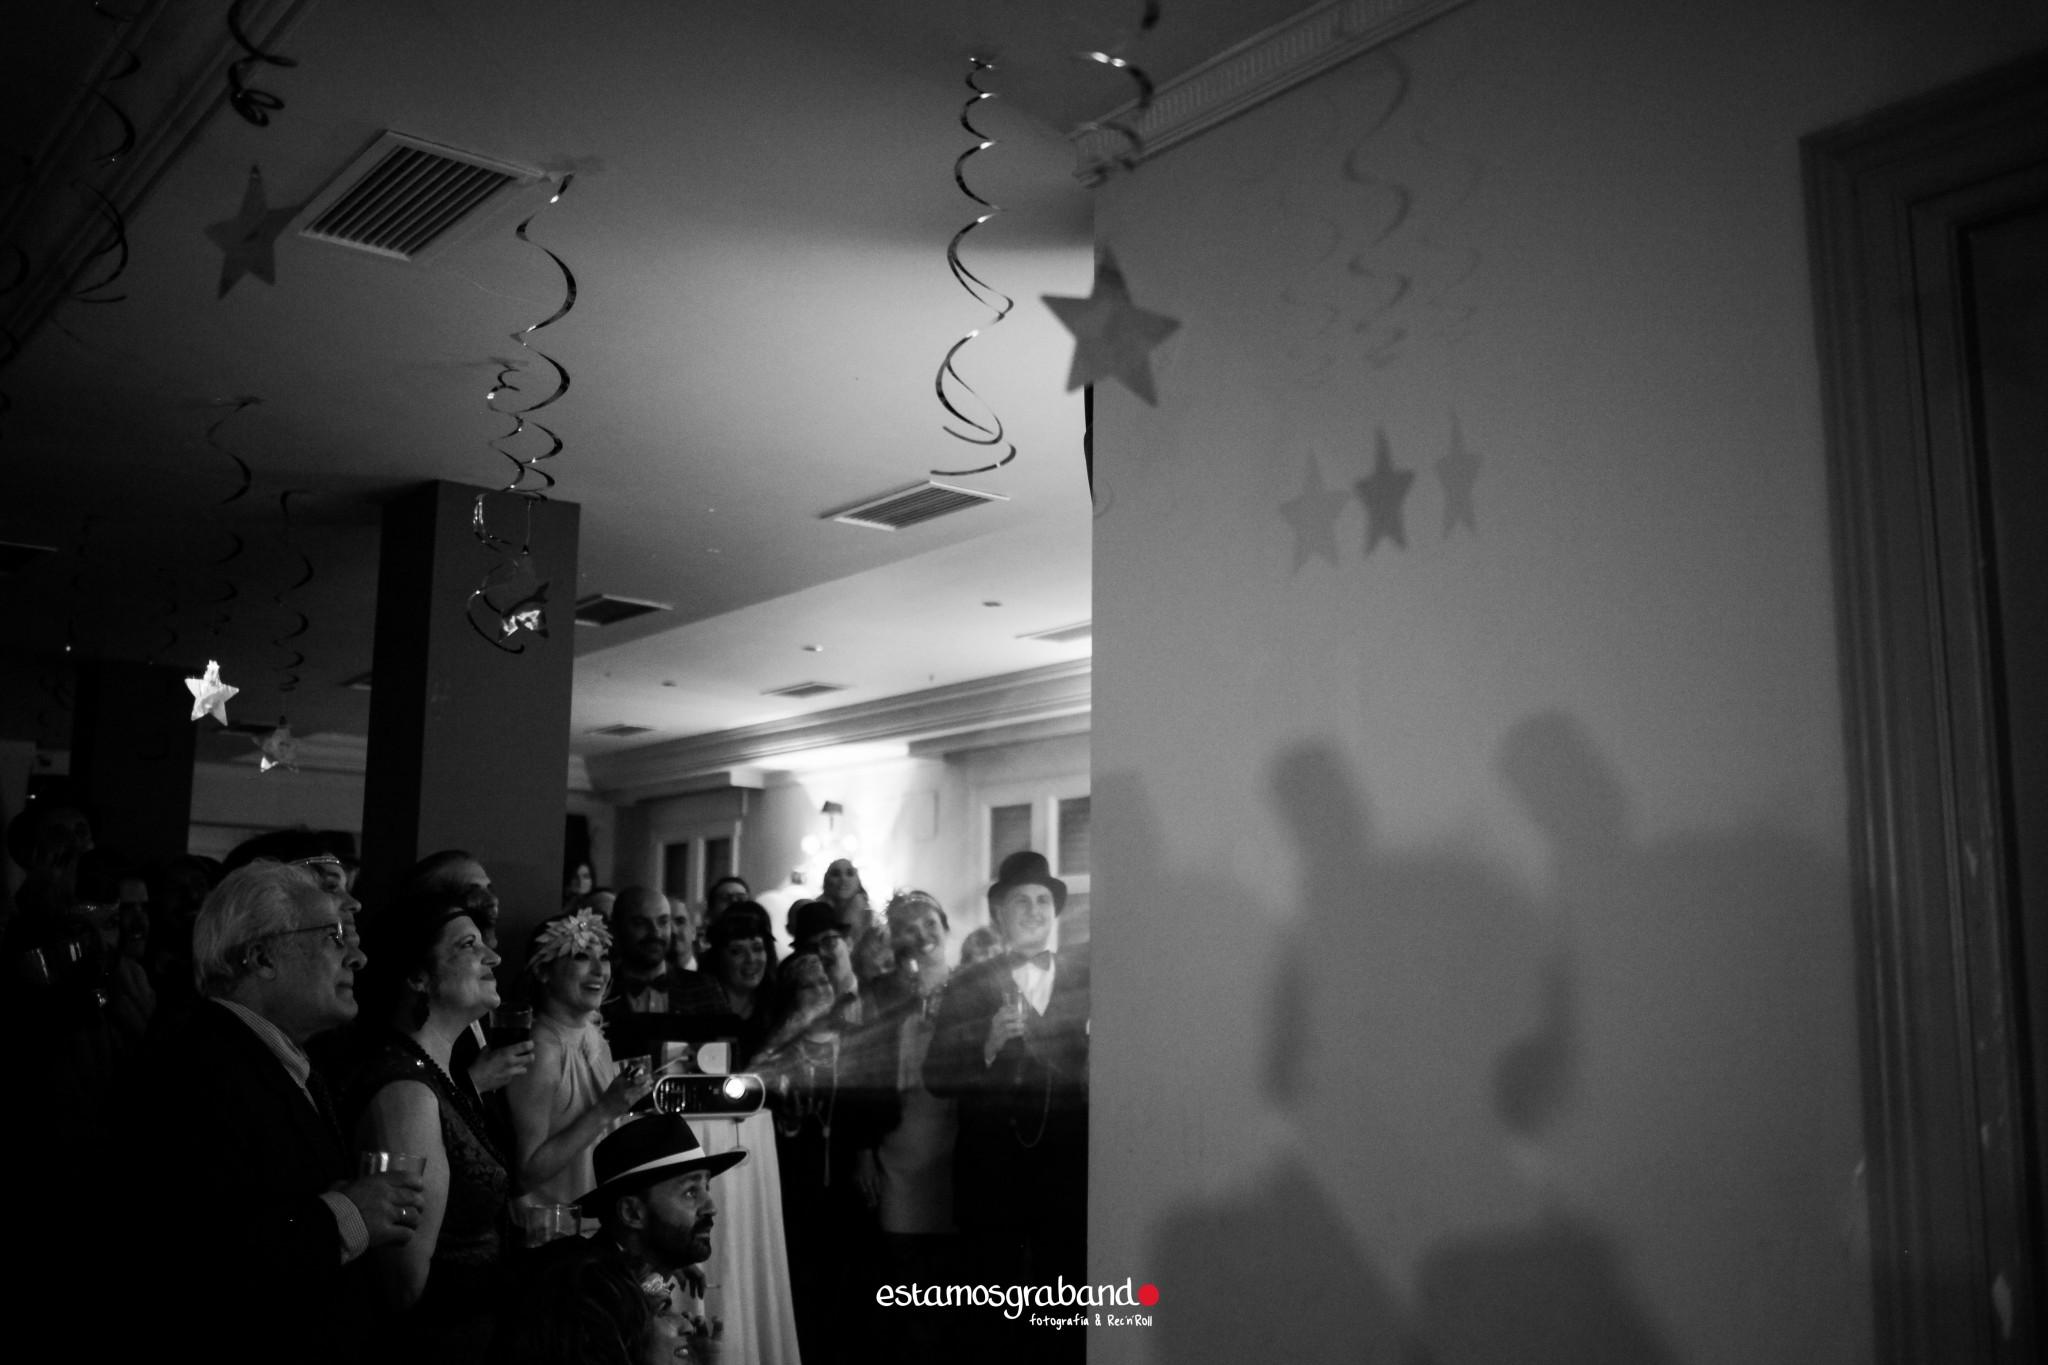 Años-20-BBTP-104-de-109 Los locos Años 20 [Fotografía en La Teta de Julieta, Cádiz] - video boda cadiz